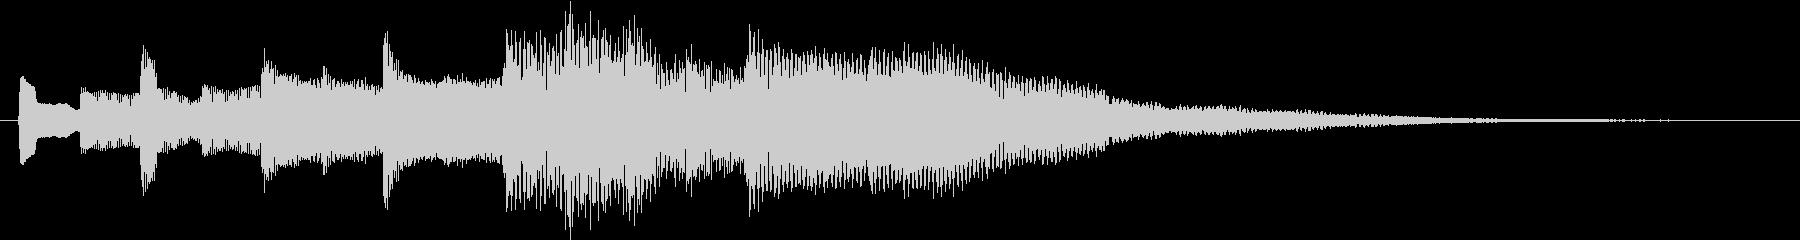 ベル音♪心地よいリズム#4の未再生の波形